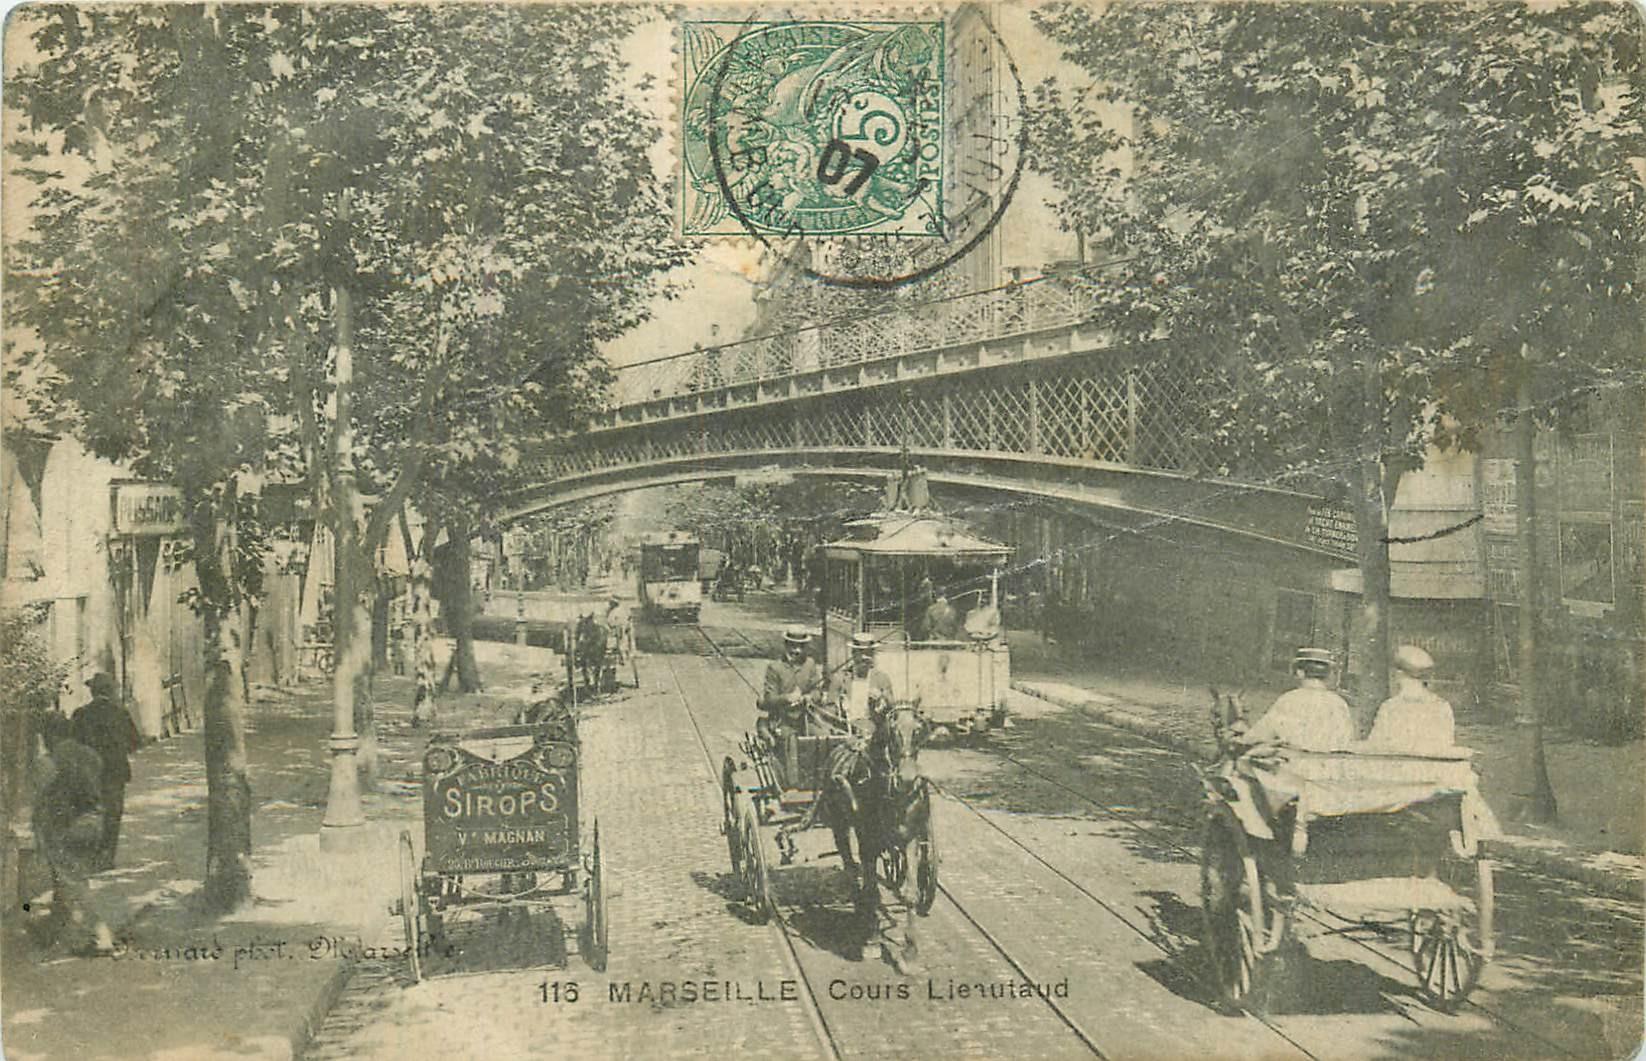 13 MARSEILLE. Attelages et tramways sur le Cours Lieutaud 1907